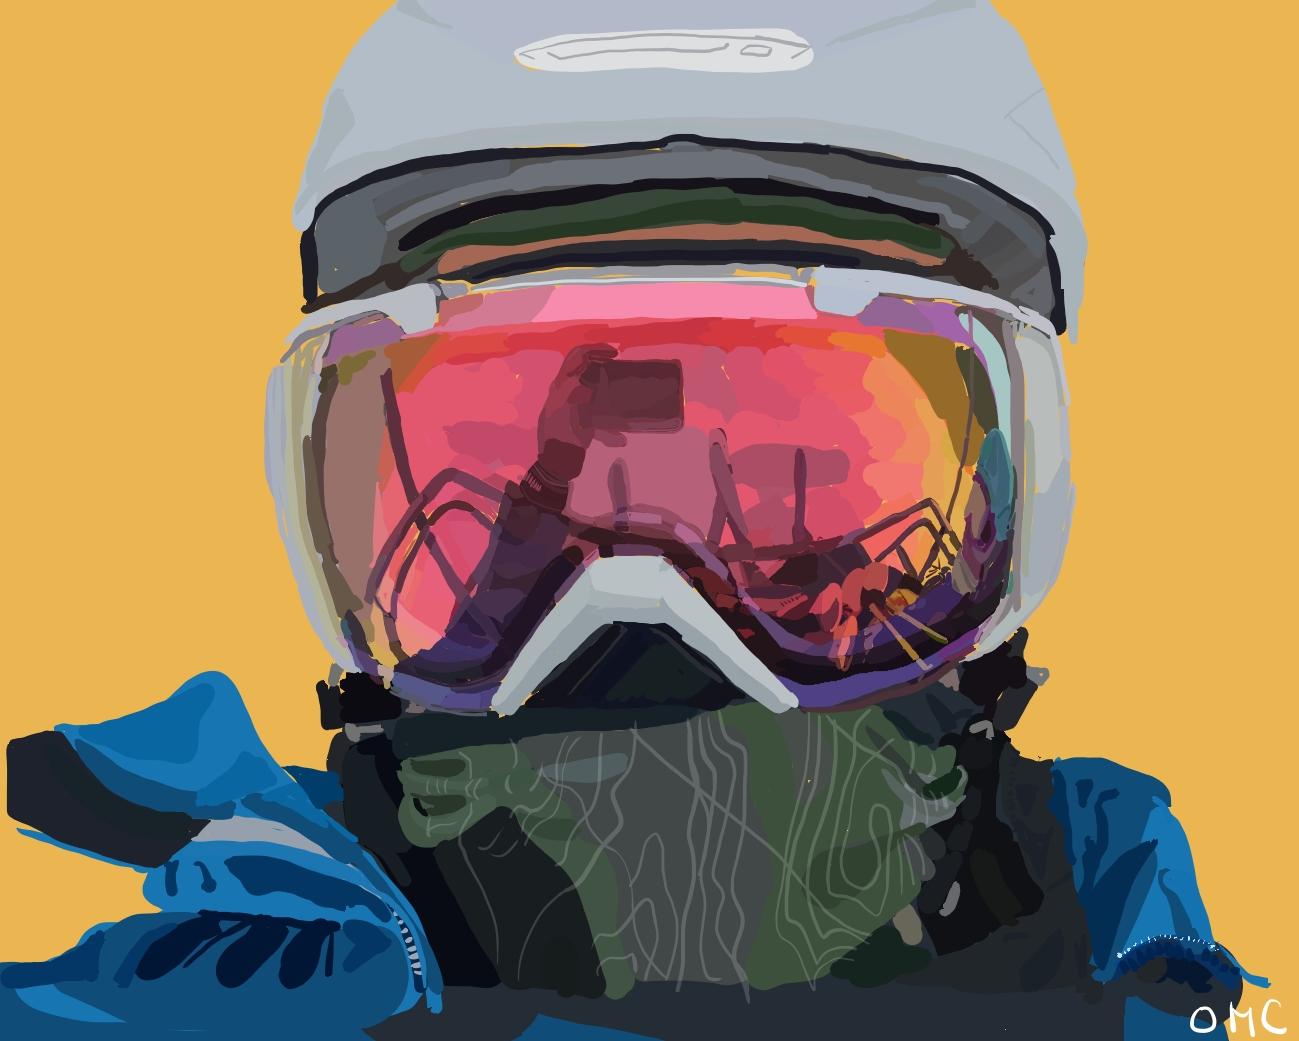 ski googles1 2.jpg